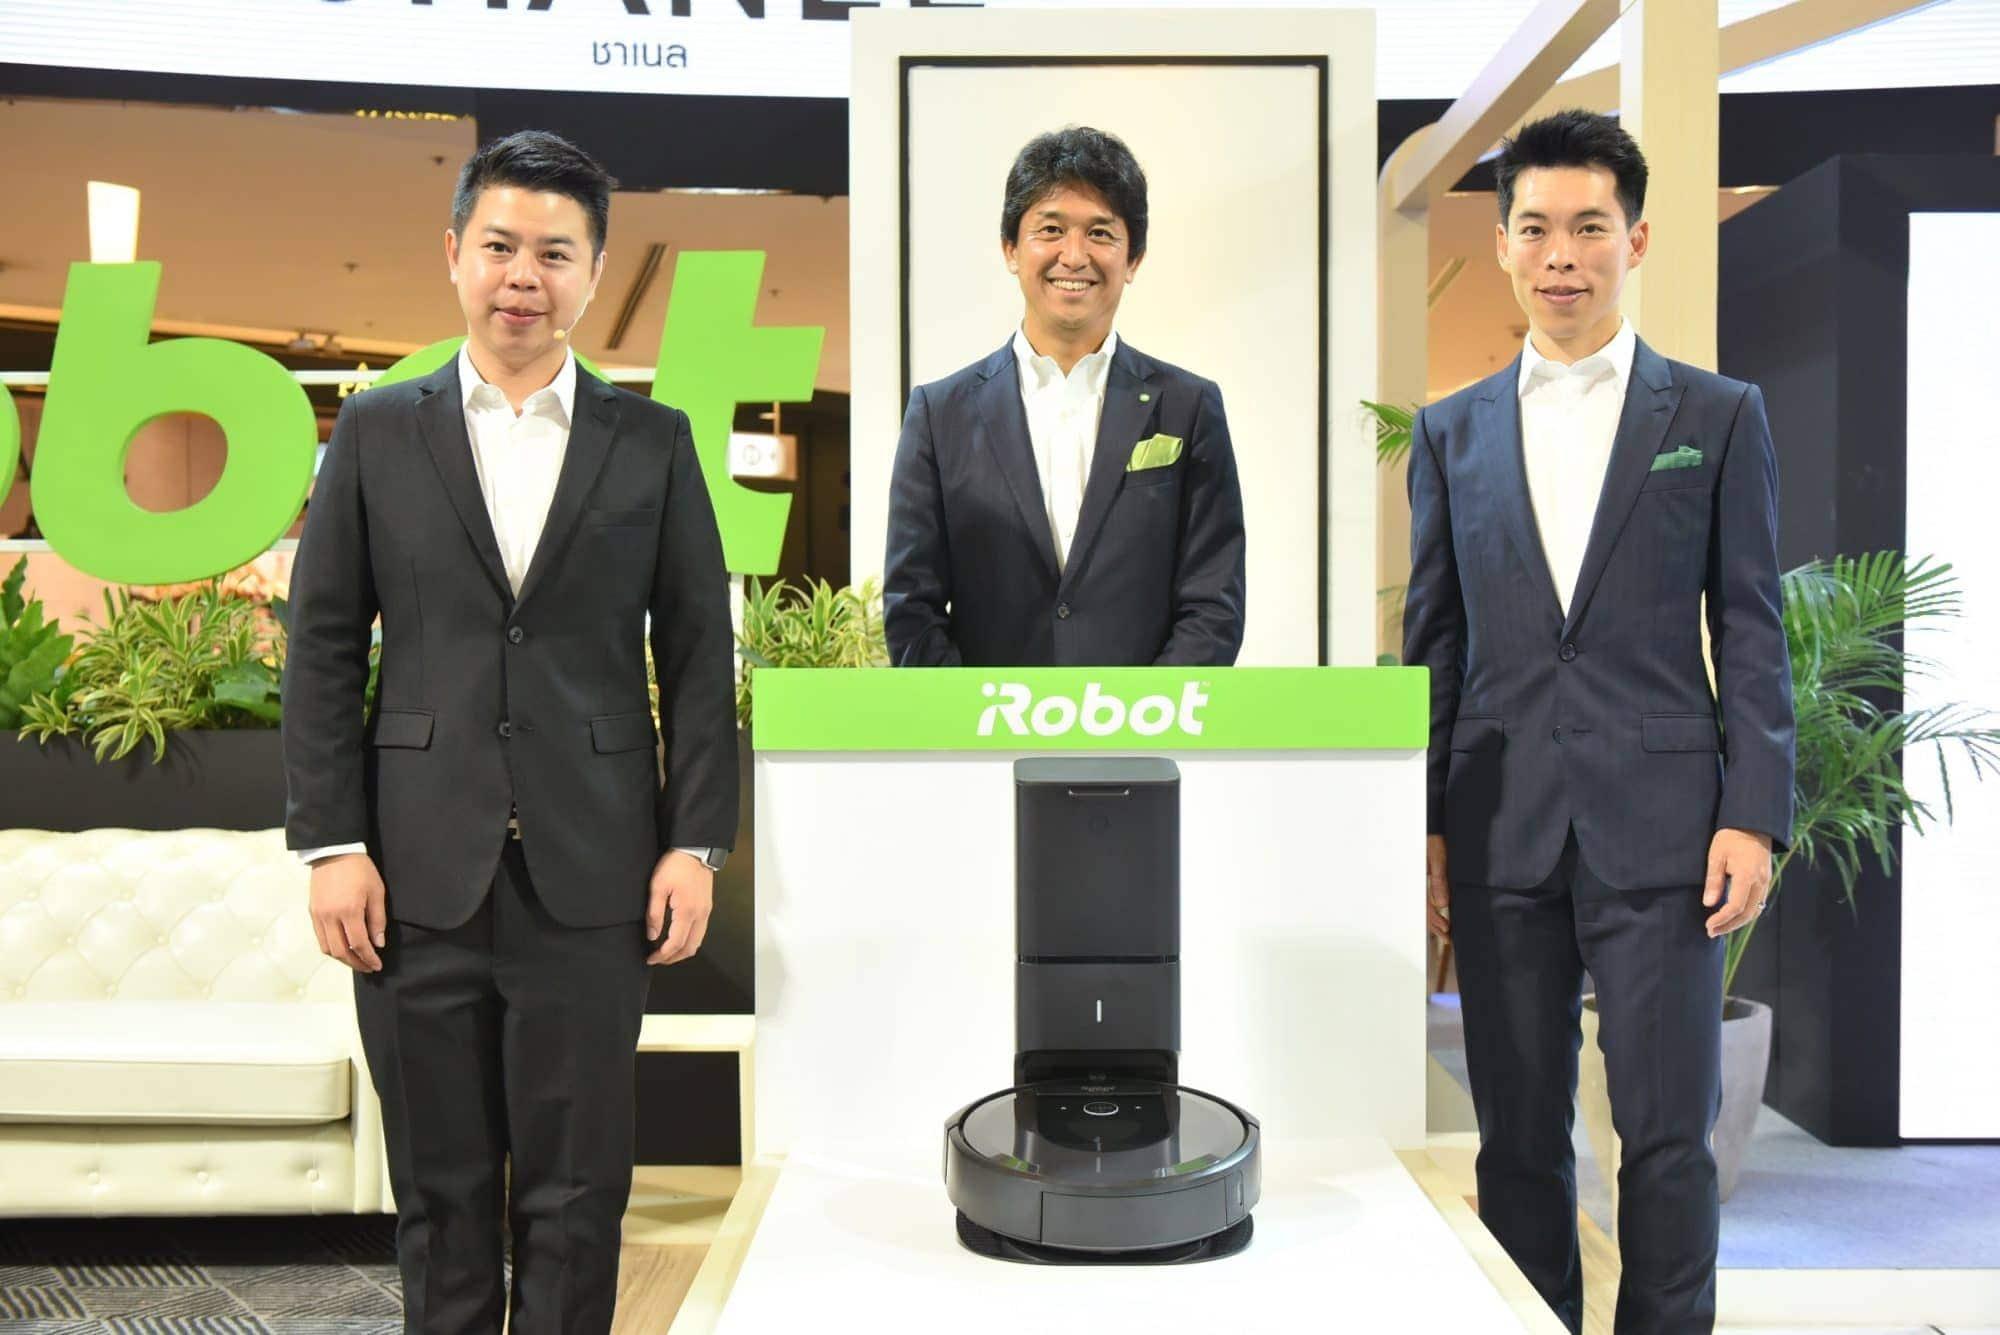 เปิดตัว iRobot Roomba i7+ หุ่มยนต์ดูดฝุ่นอัจฉริยะ พร้อมแท่นกำจัดขยะอัตโนมัติ - เปิดตัว iRobot Roomba i7+ หุ่มยนต์ดูดฝุ่นอัจฉริยะ พร้อมแท่นกำจัดขยะอัตโนมัติ